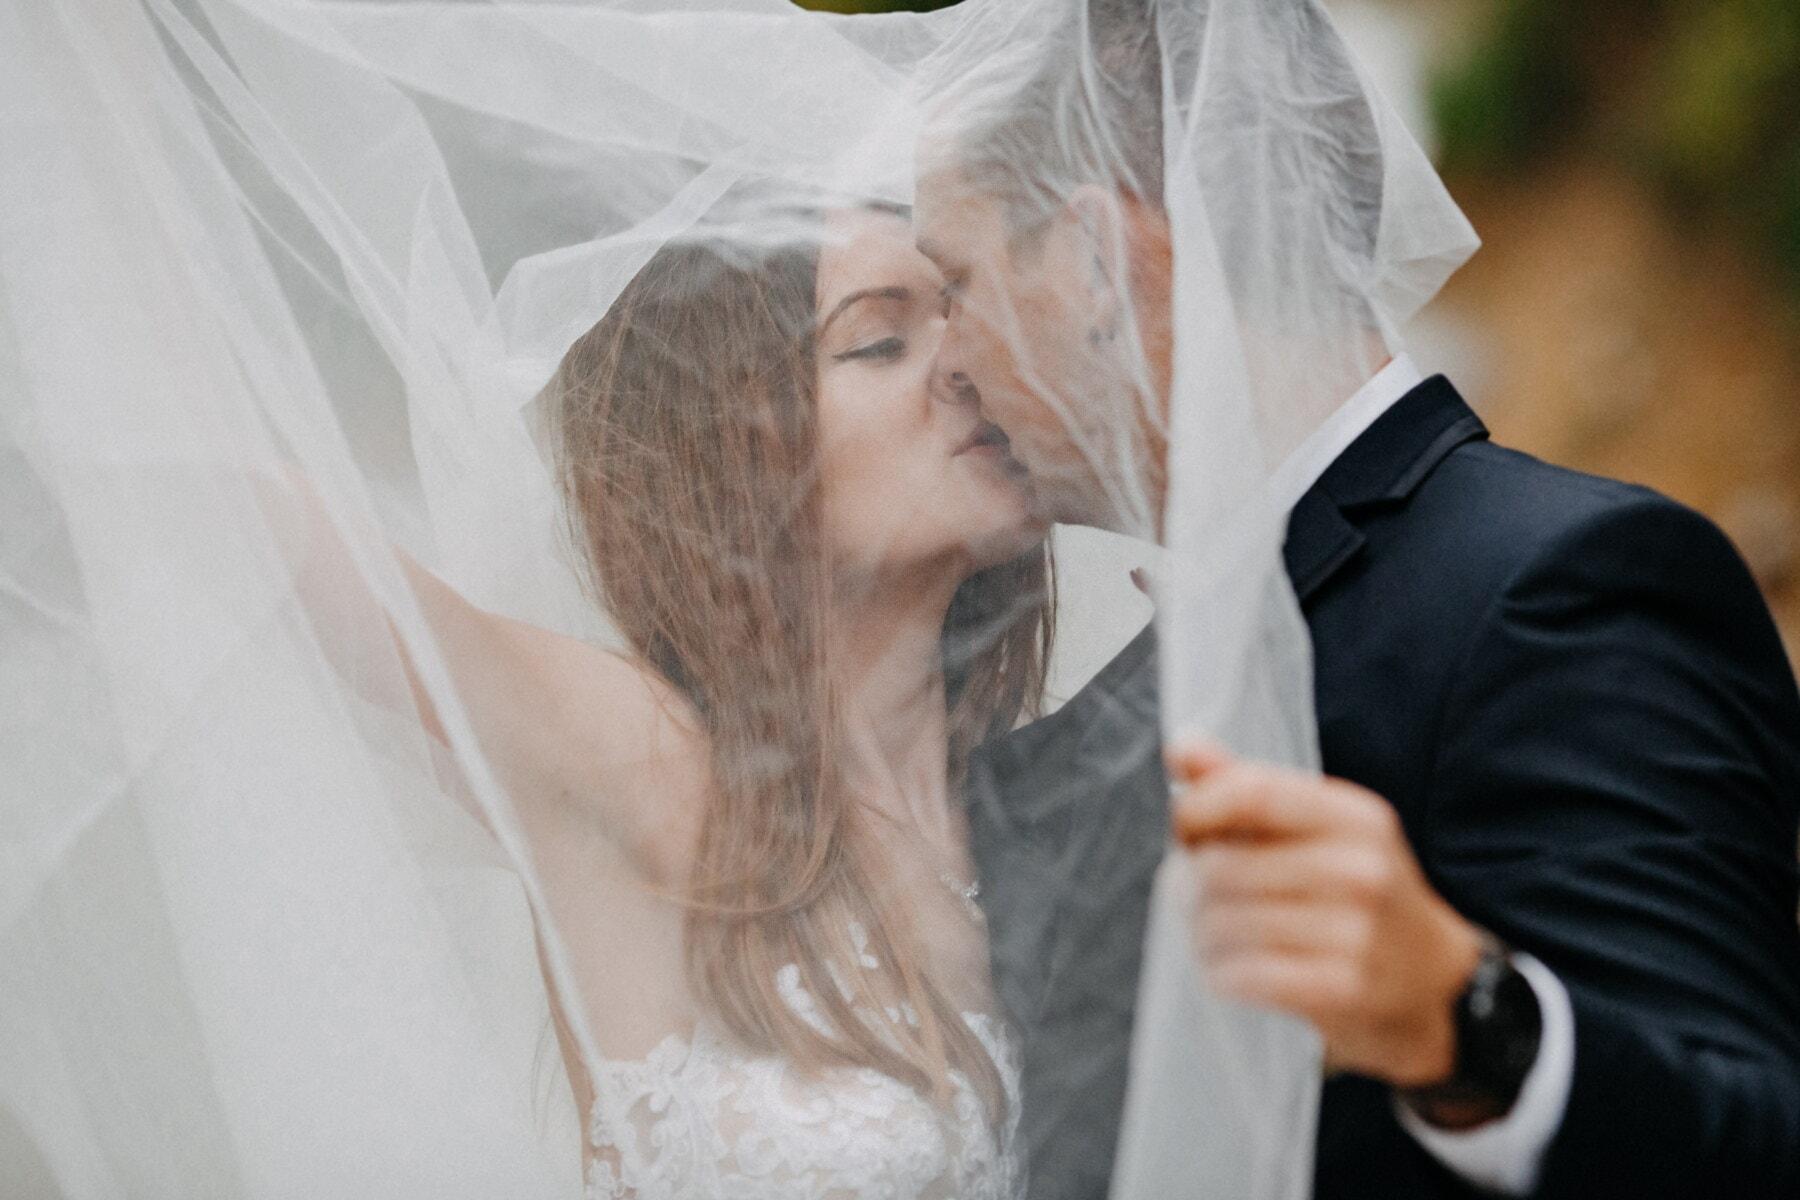 поцілунок, знизу, весільна сукня, Завіса, наречений, наречена, весілля, жінка, кохання, мода